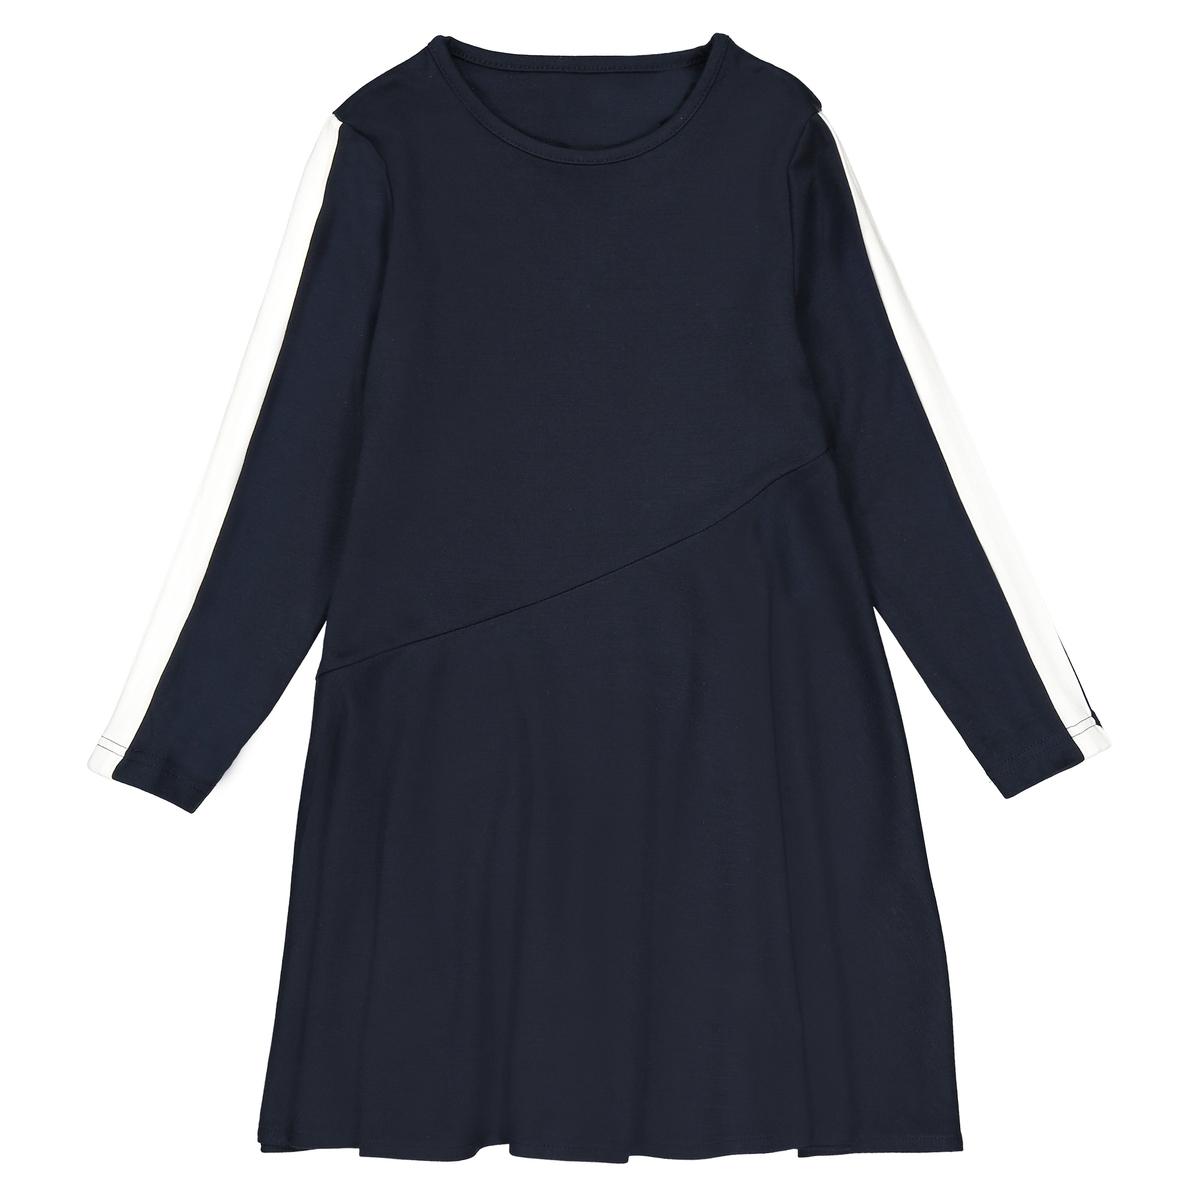 Vestido em malha milano, detalhes nas mangas, 3-12 anos